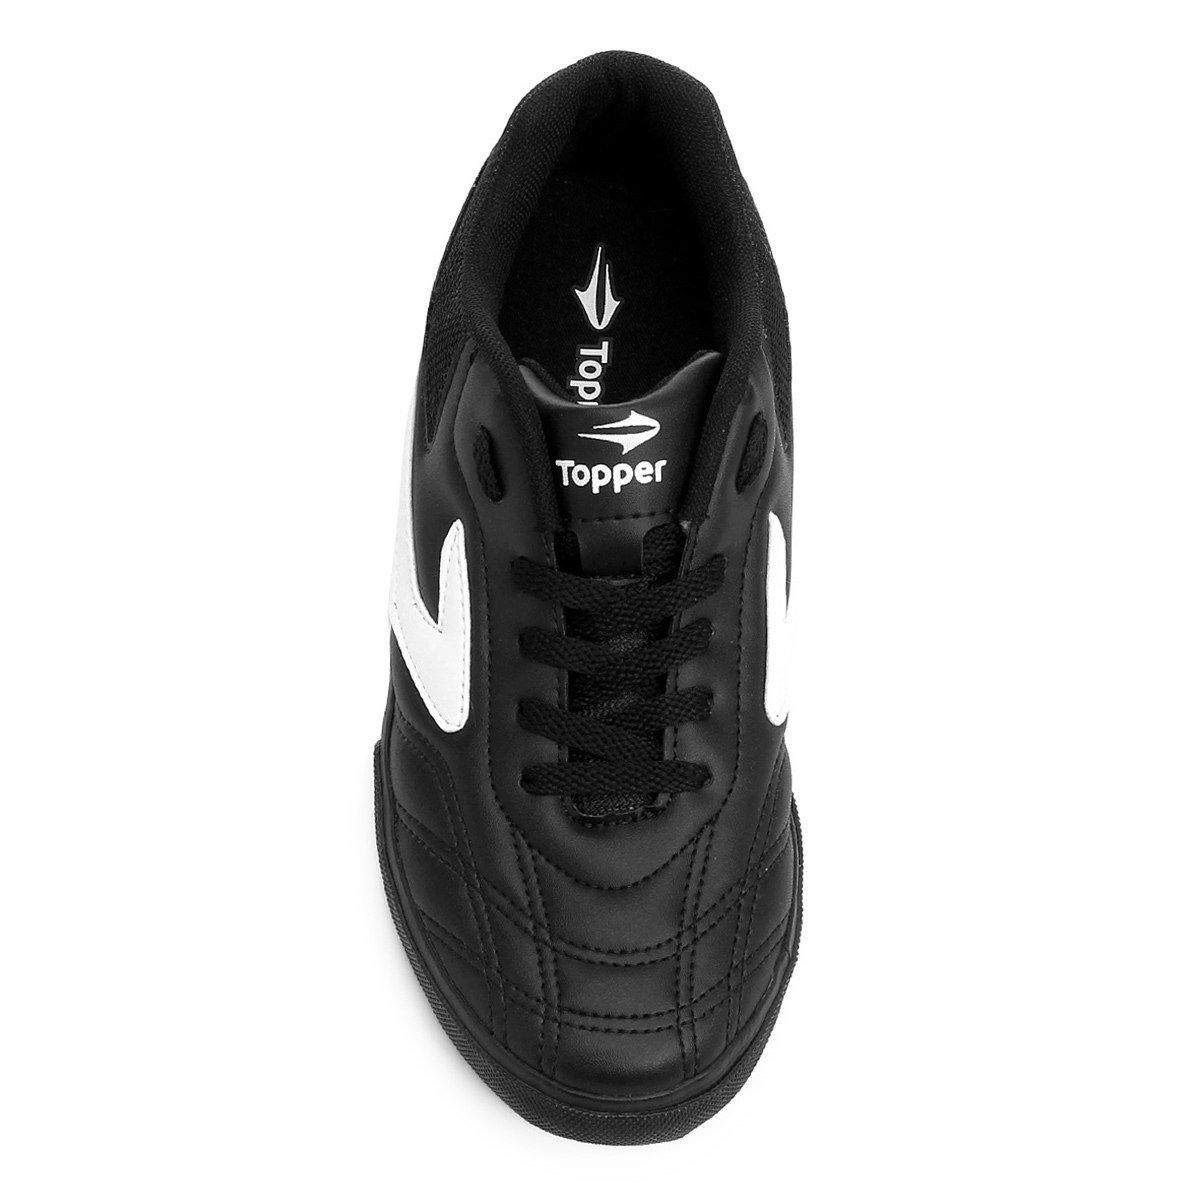 Tênis Futsal Masculino Topper Dominator III Preta e Branca - Compre ... 5468a03793490